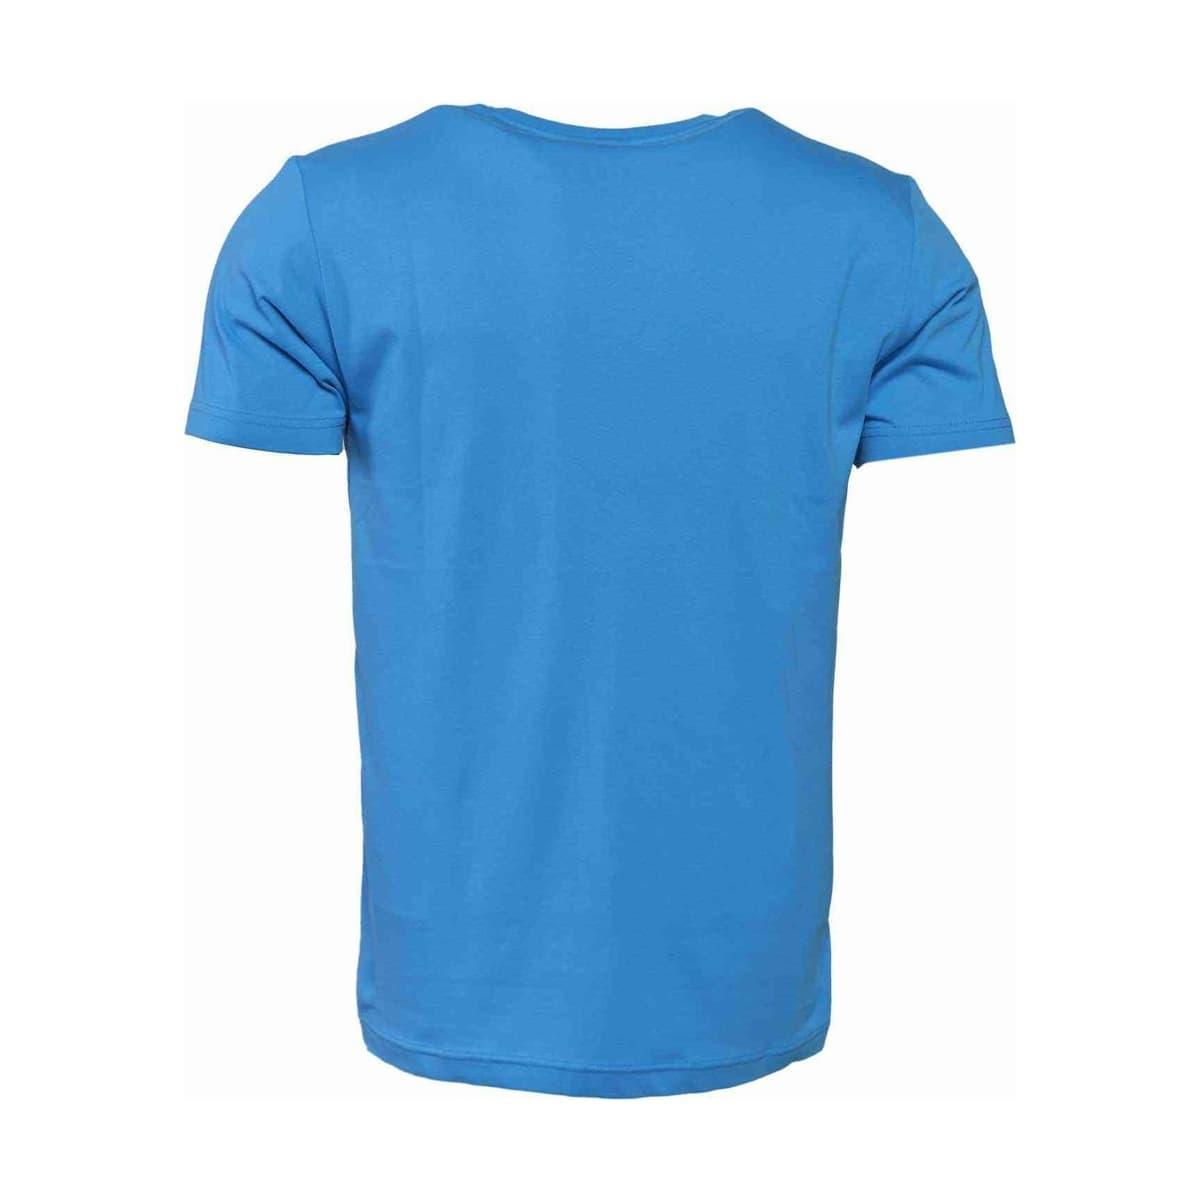 Centil Erkek Mavi Tişört (911301-7620)